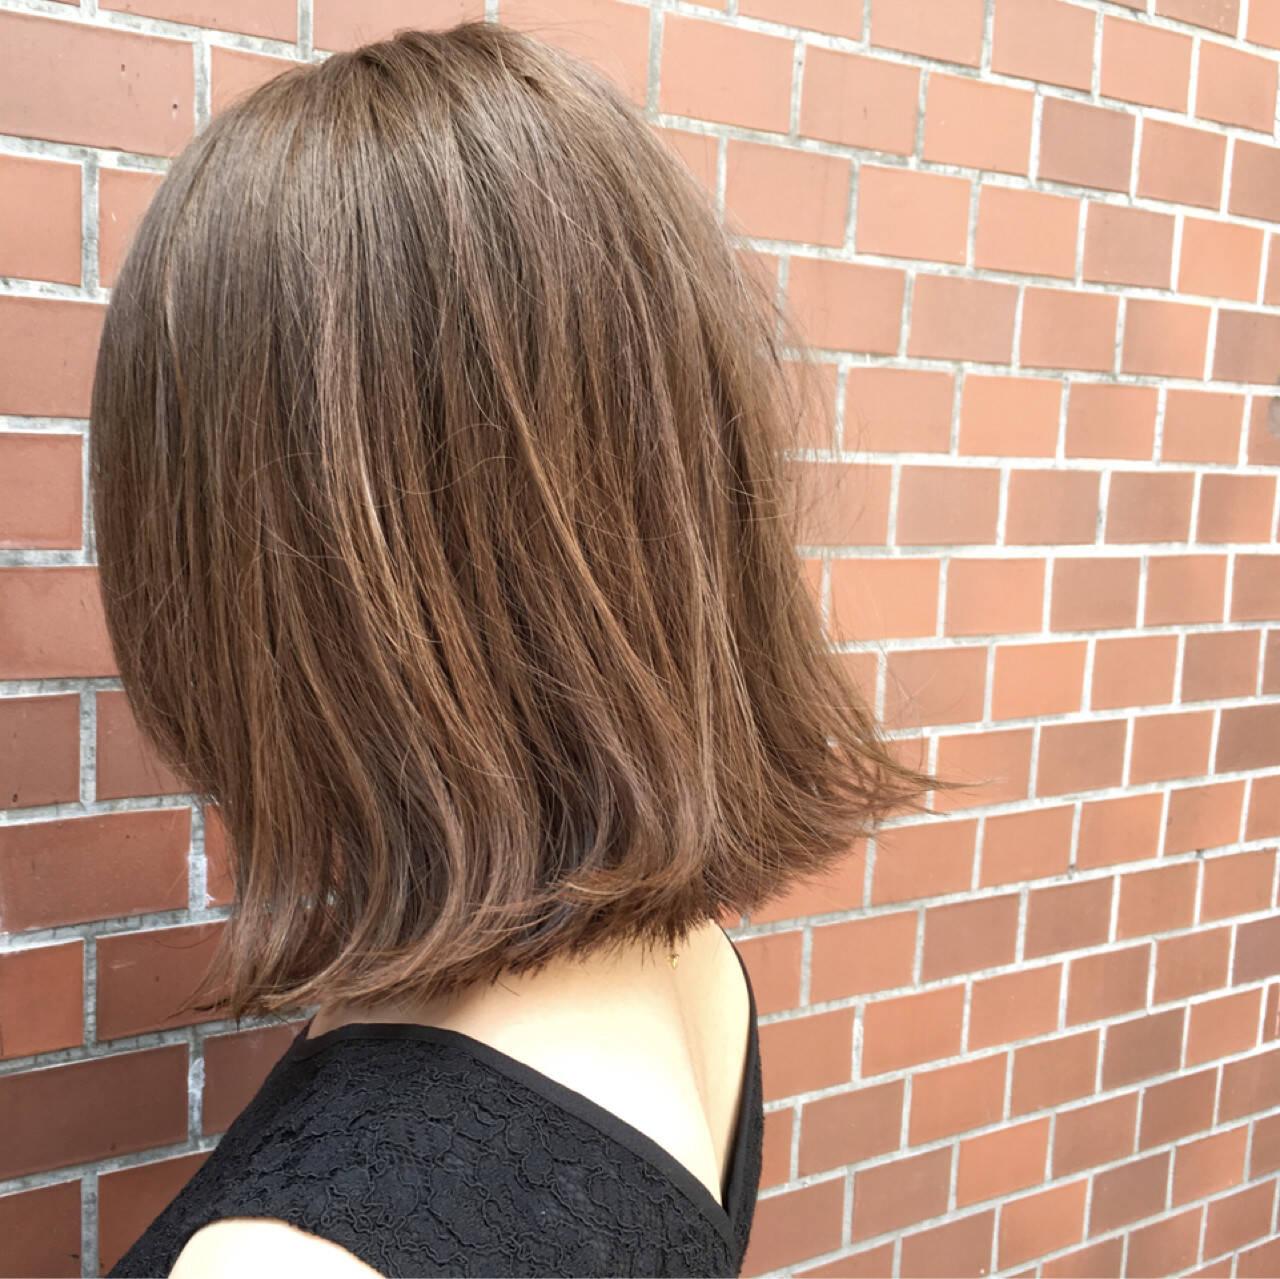 前下がり グレージュ ウェットヘア ストリートヘアスタイルや髪型の写真・画像